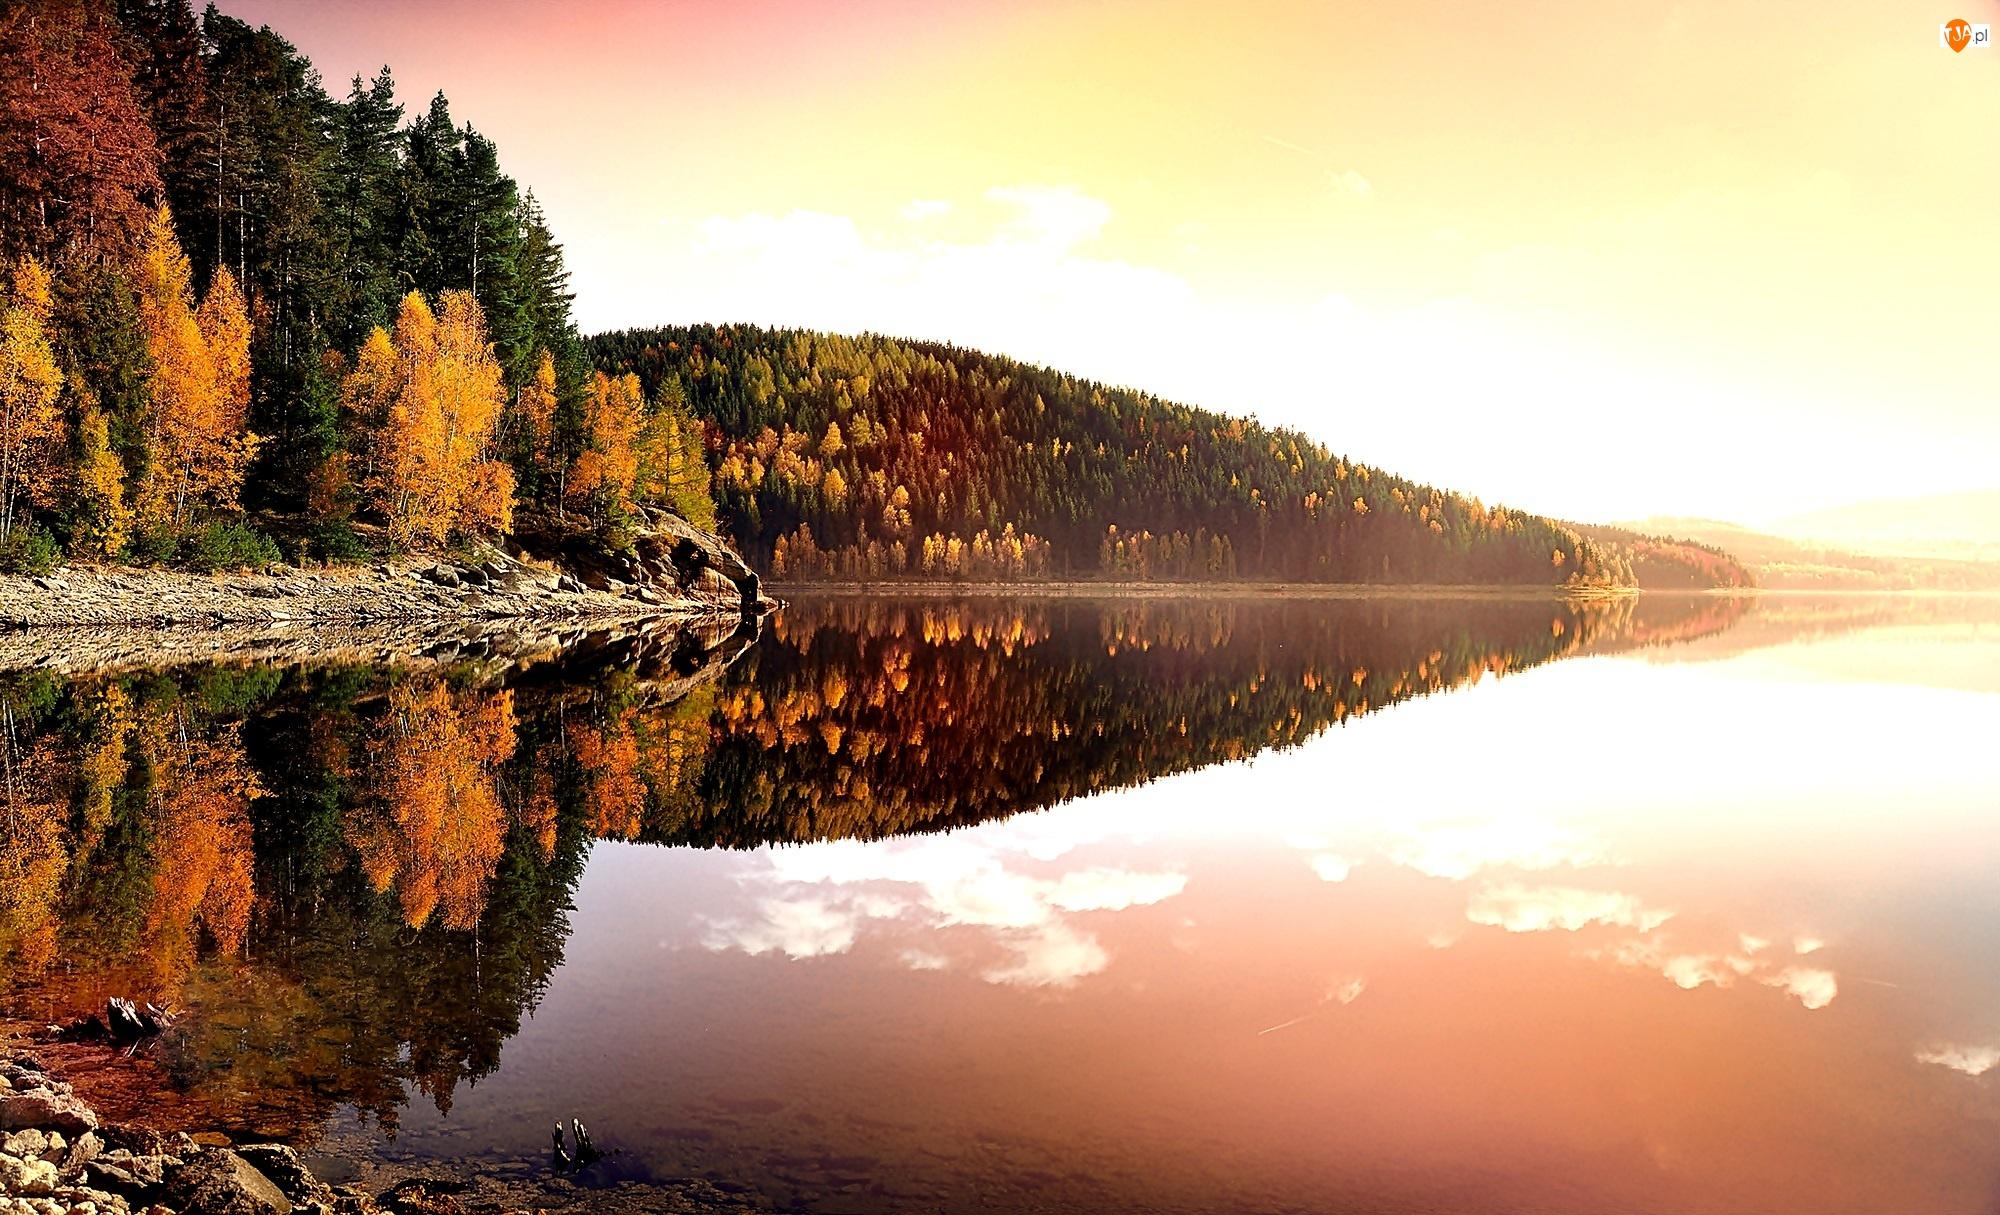 Jezioro, Jesień, Lasy, Odbicie